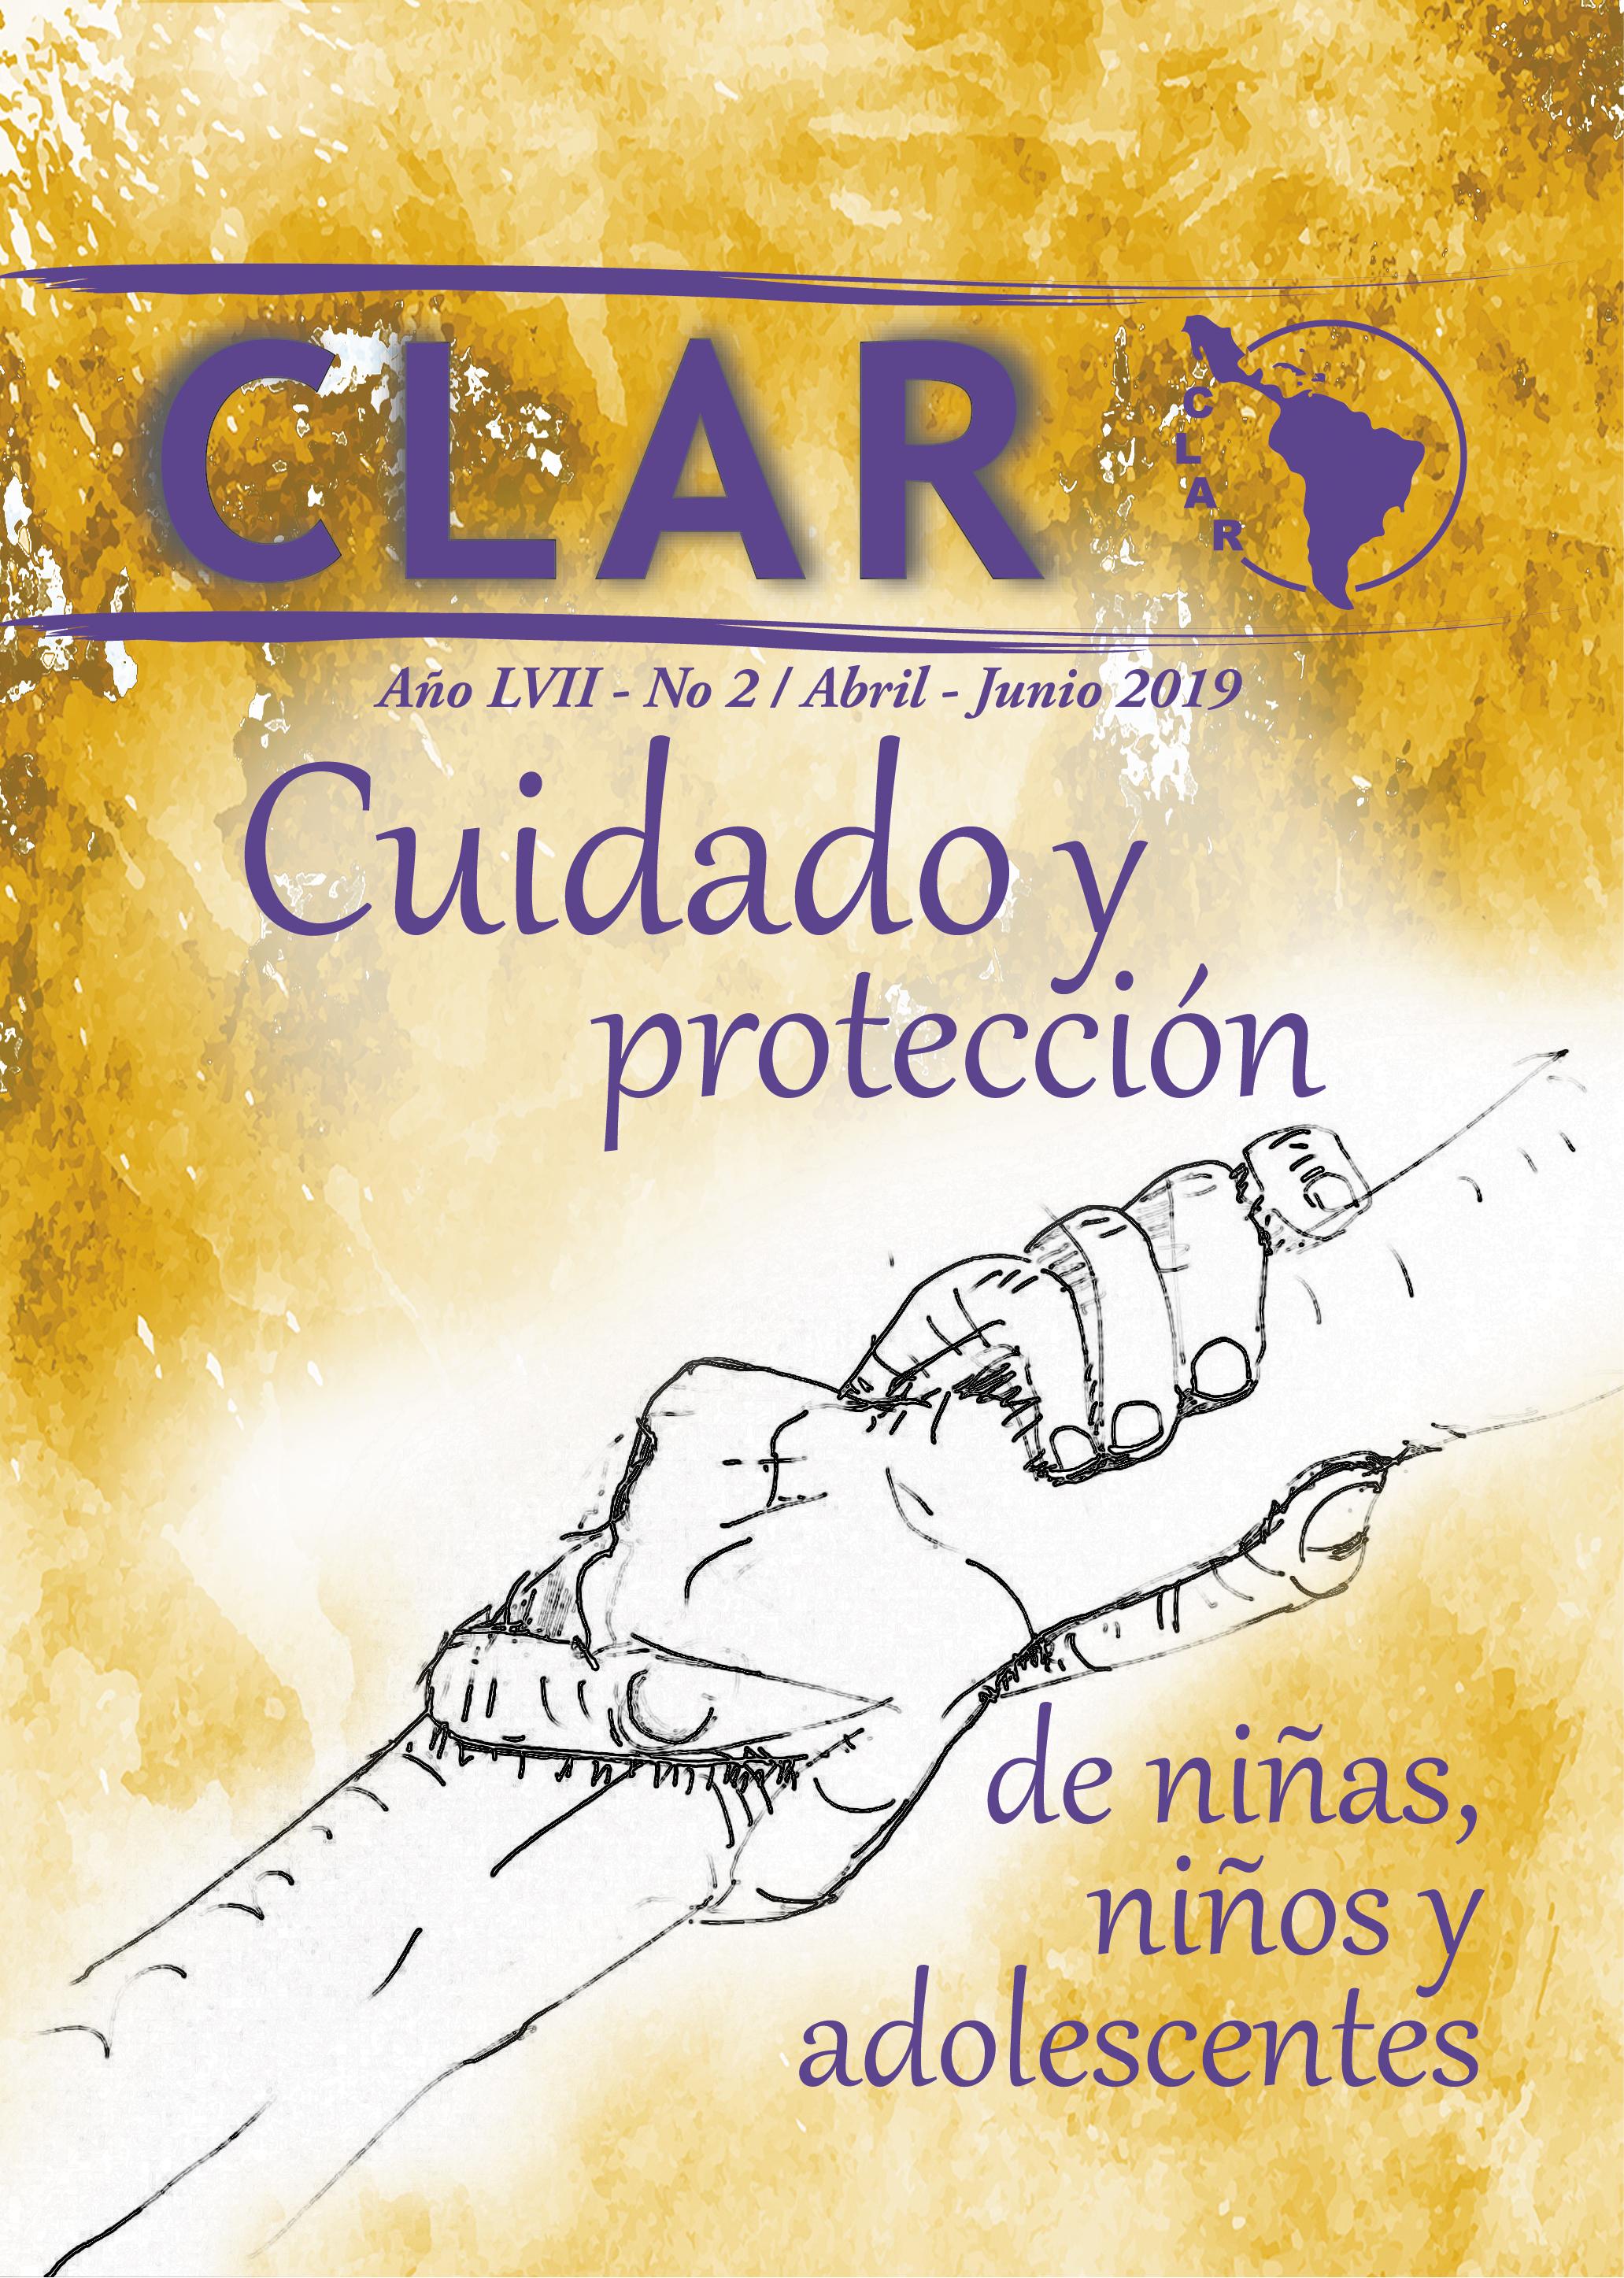 Cuidado y protección